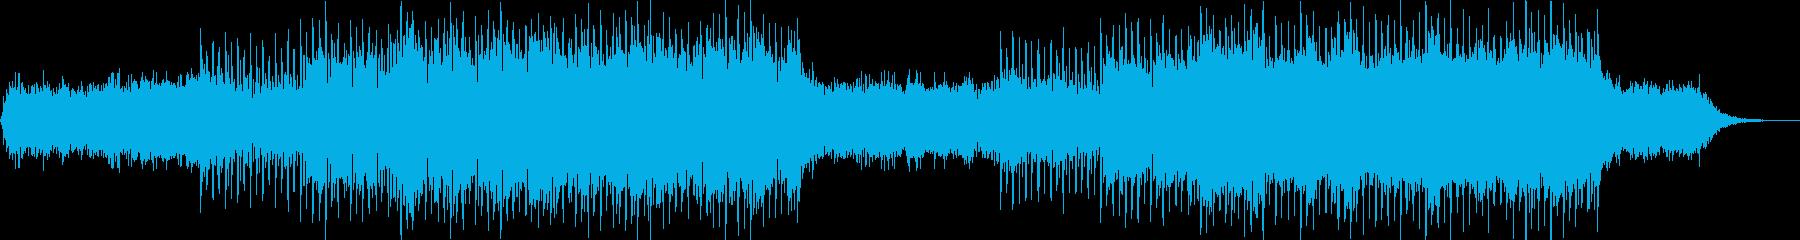 テンポの良い明るく楽しげなシンセポップの再生済みの波形